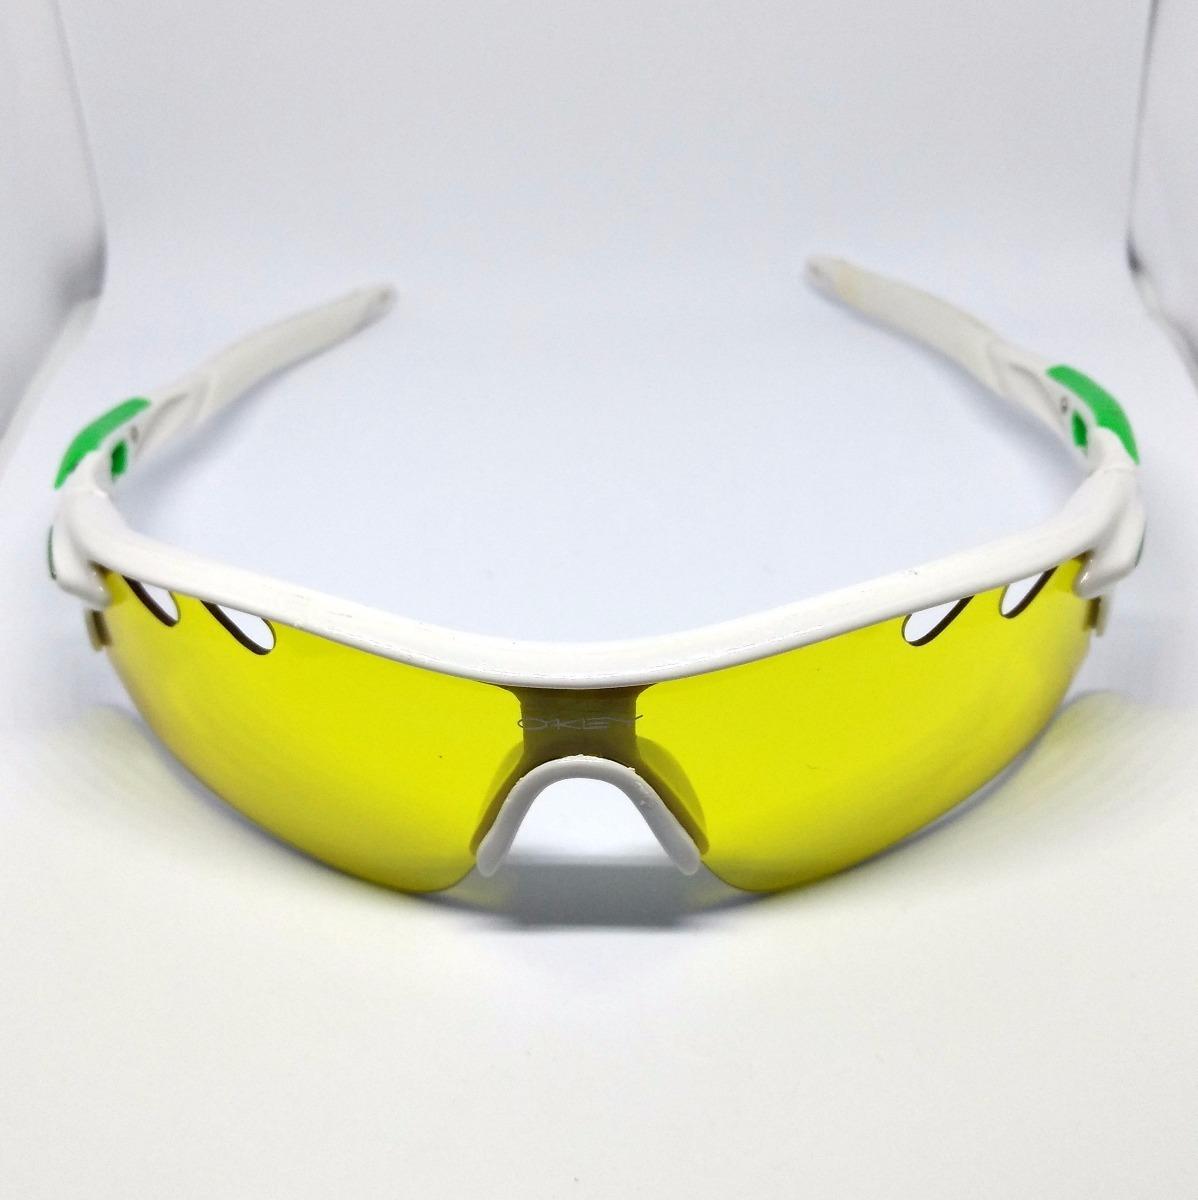 654a77c3fc2a4 oculos de sol e visao noturna p  dirigir a noite ciclismo. Carregando zoom.